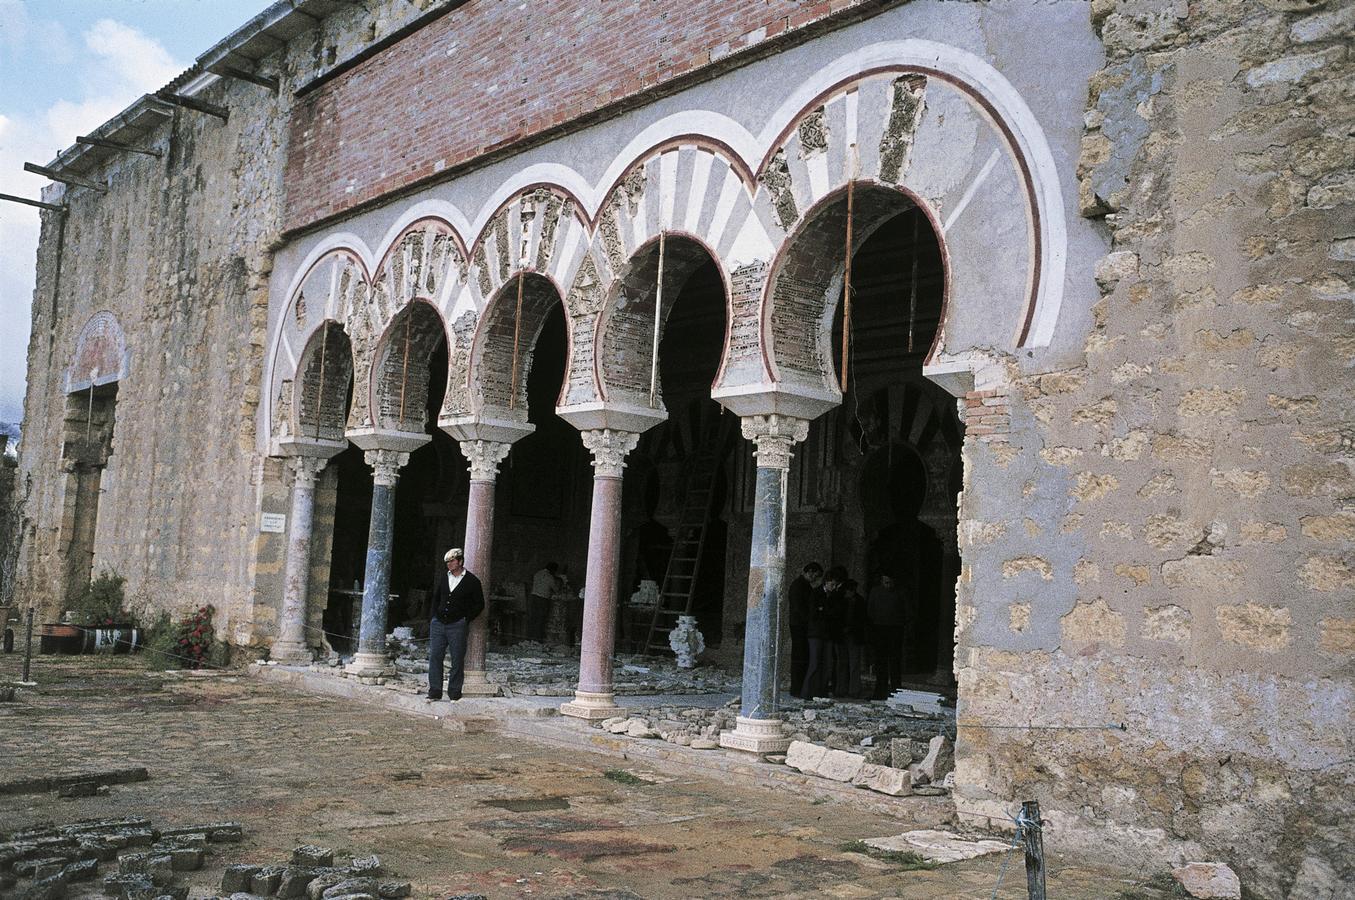 10dSalon-Rico-i-Madinat-al-Zahra-paladskompleks_-Spanien.-HMH.jpg